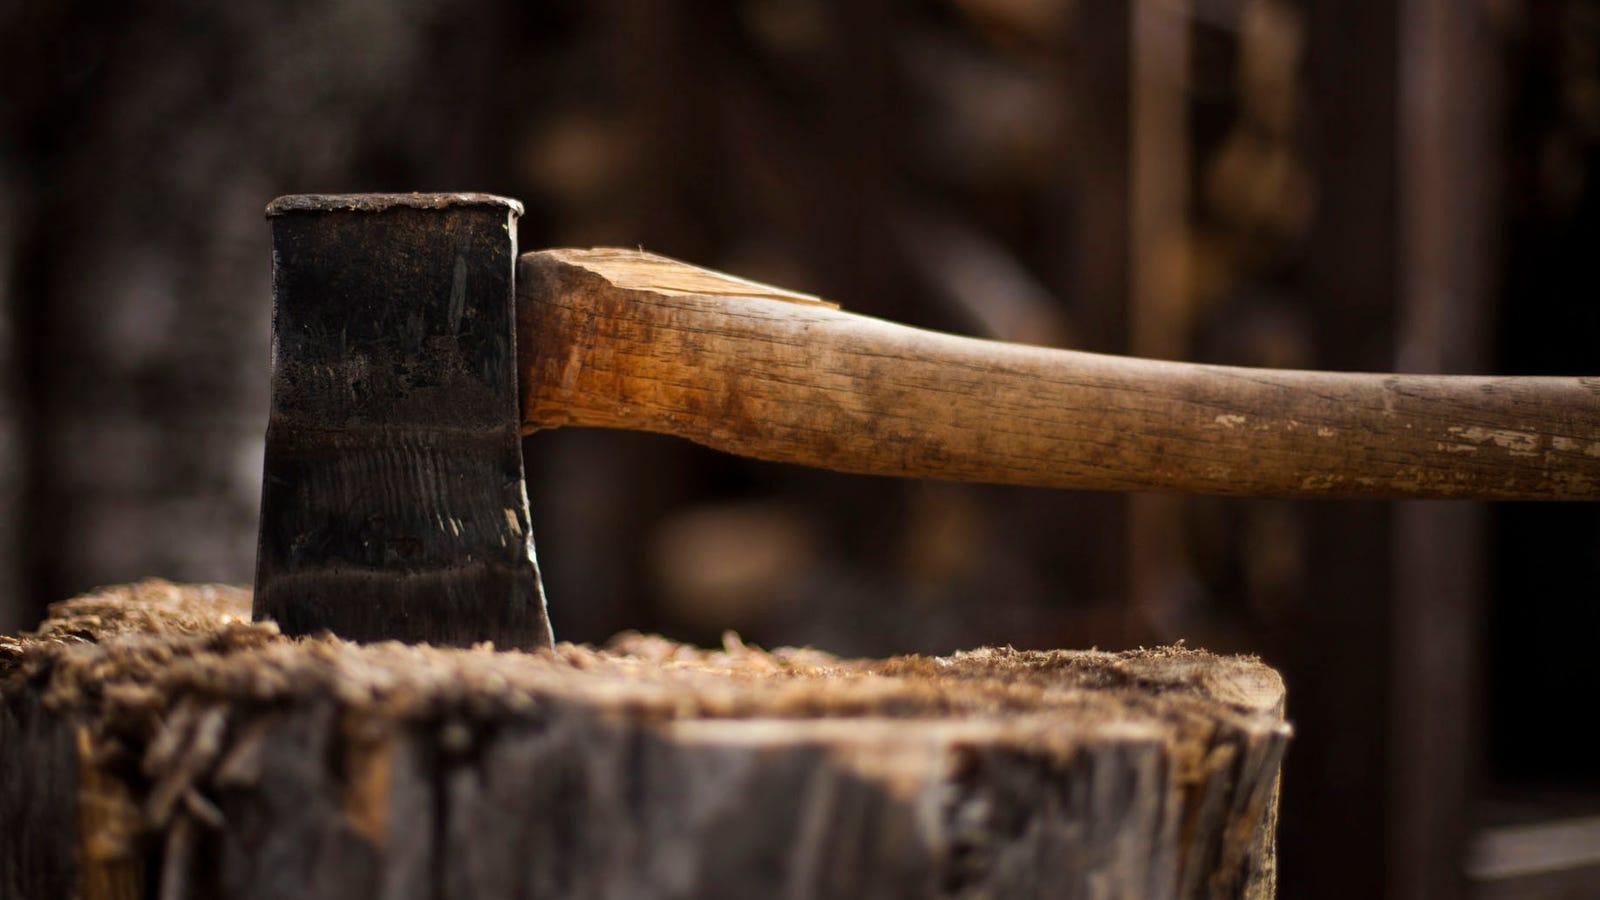 Gransfors Bruks wildlife hatchet | EDC / BOB / Survival ...  |Hatchet